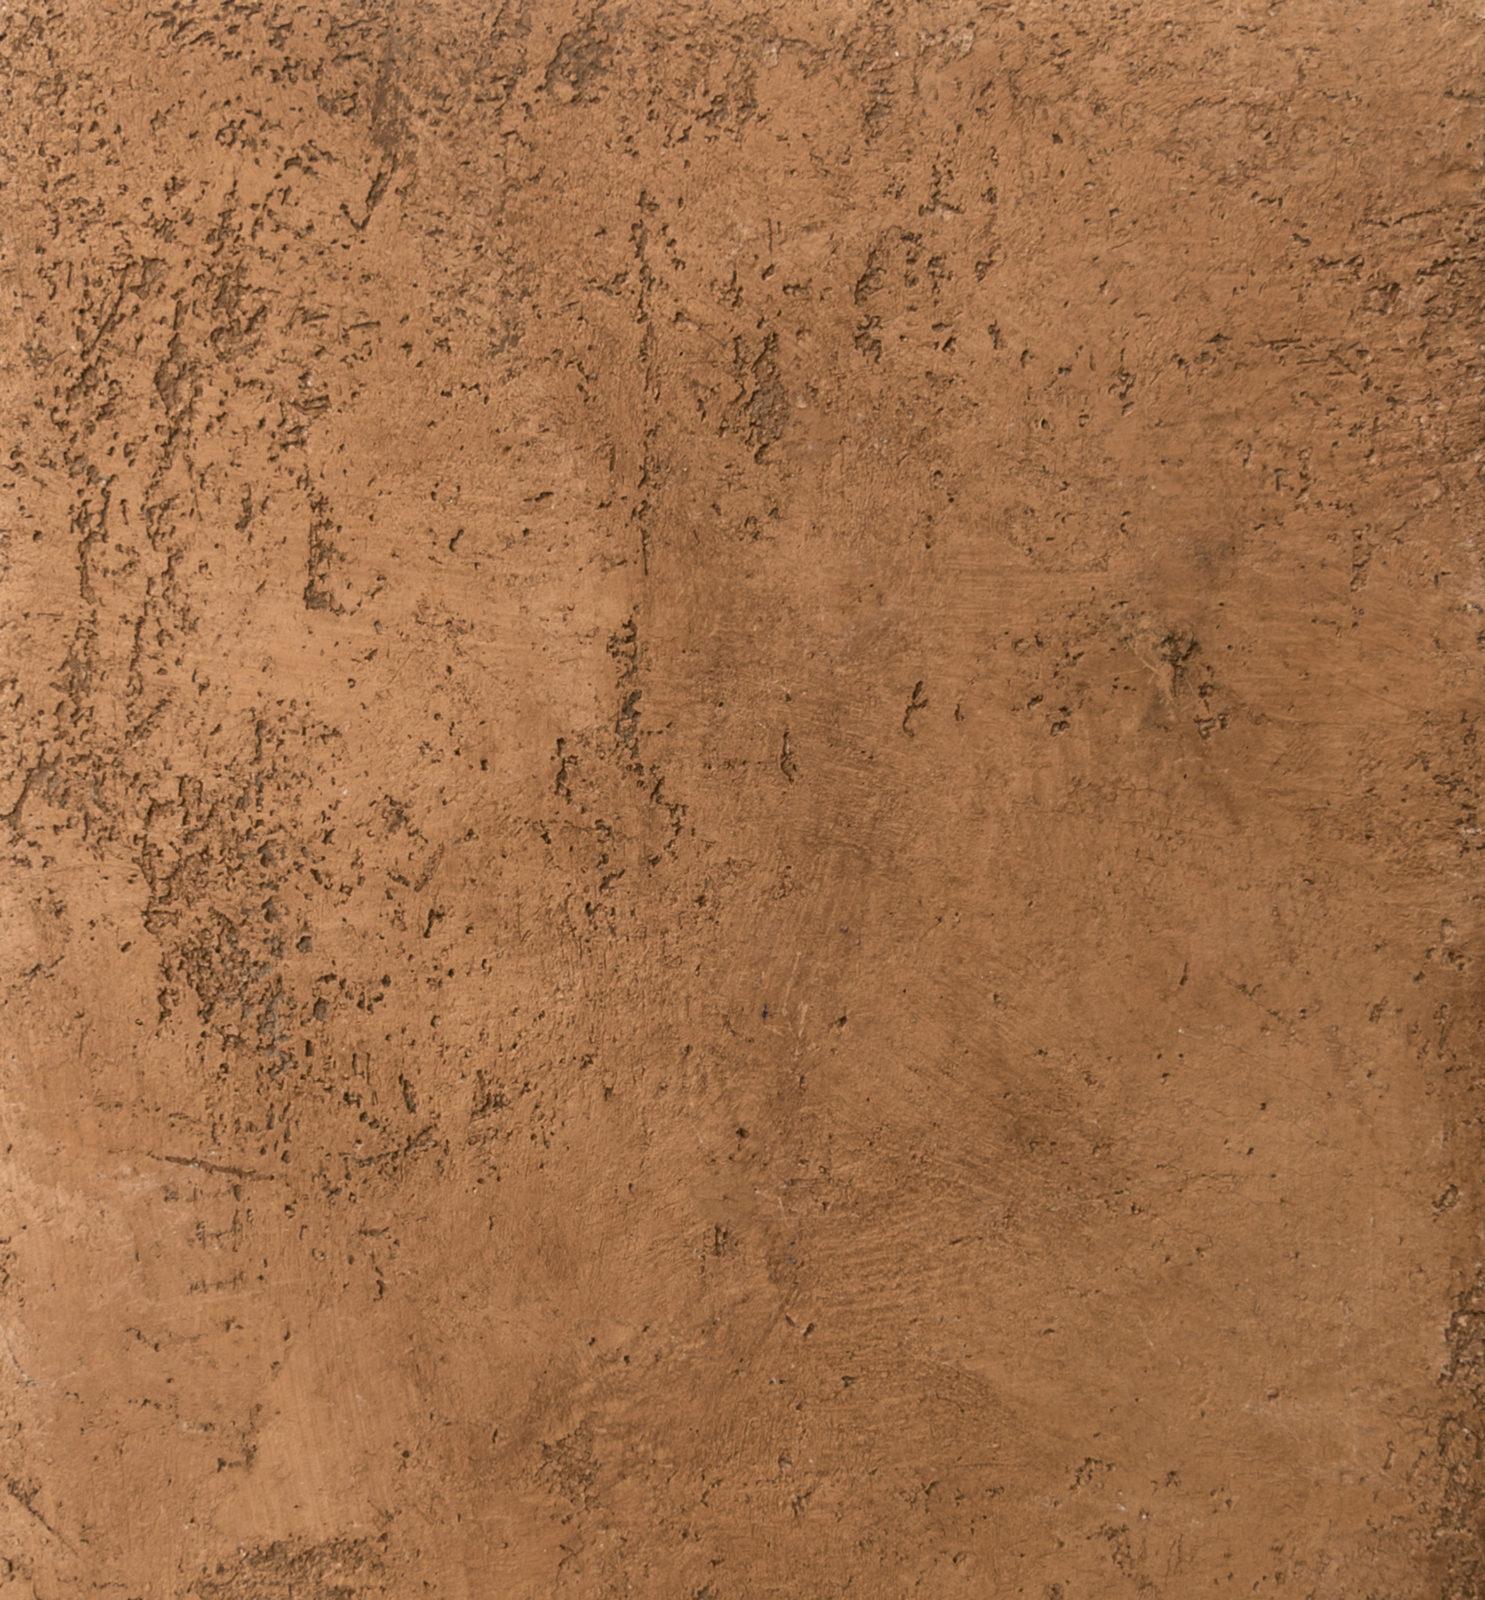 Декоративная штукатурка на основе гашеной извести с наполнителем из мраморной муки